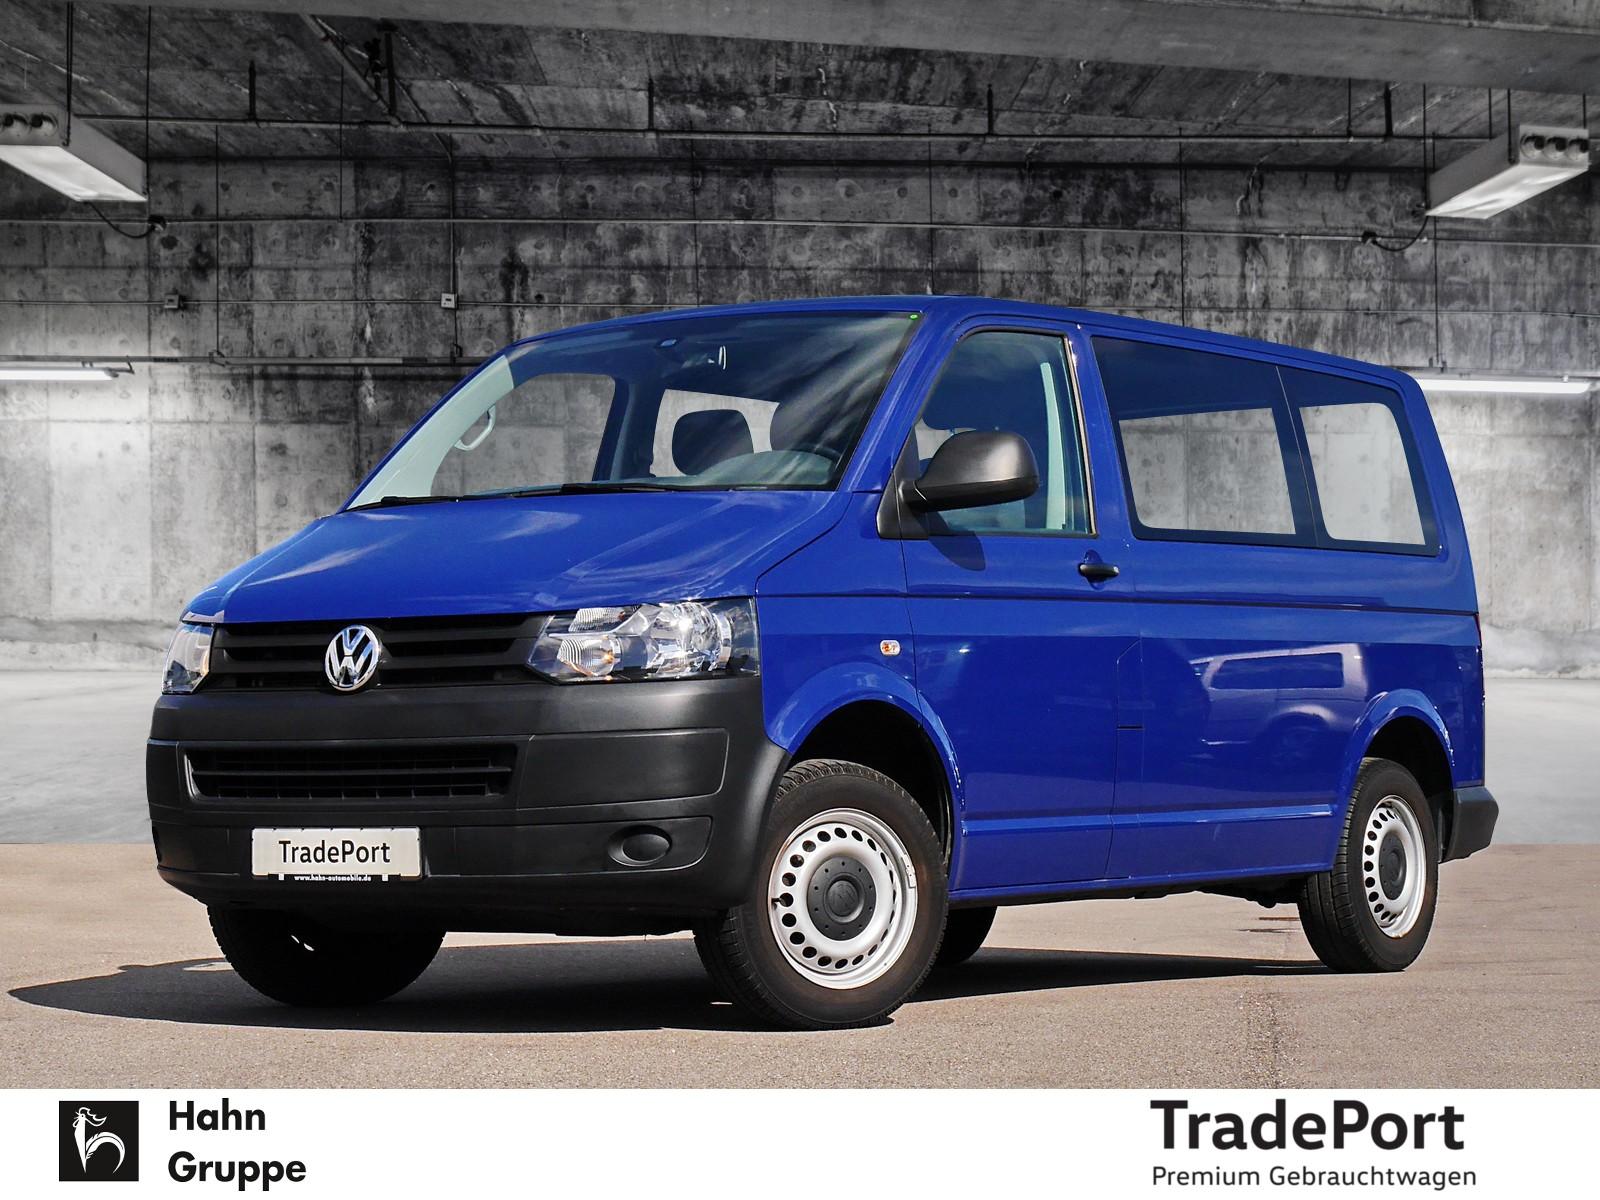 Volkswagen T5 Kombi 2,0TDI 103kW AHK NAVI KLIMA BT EPH, Jahr 2014, Diesel